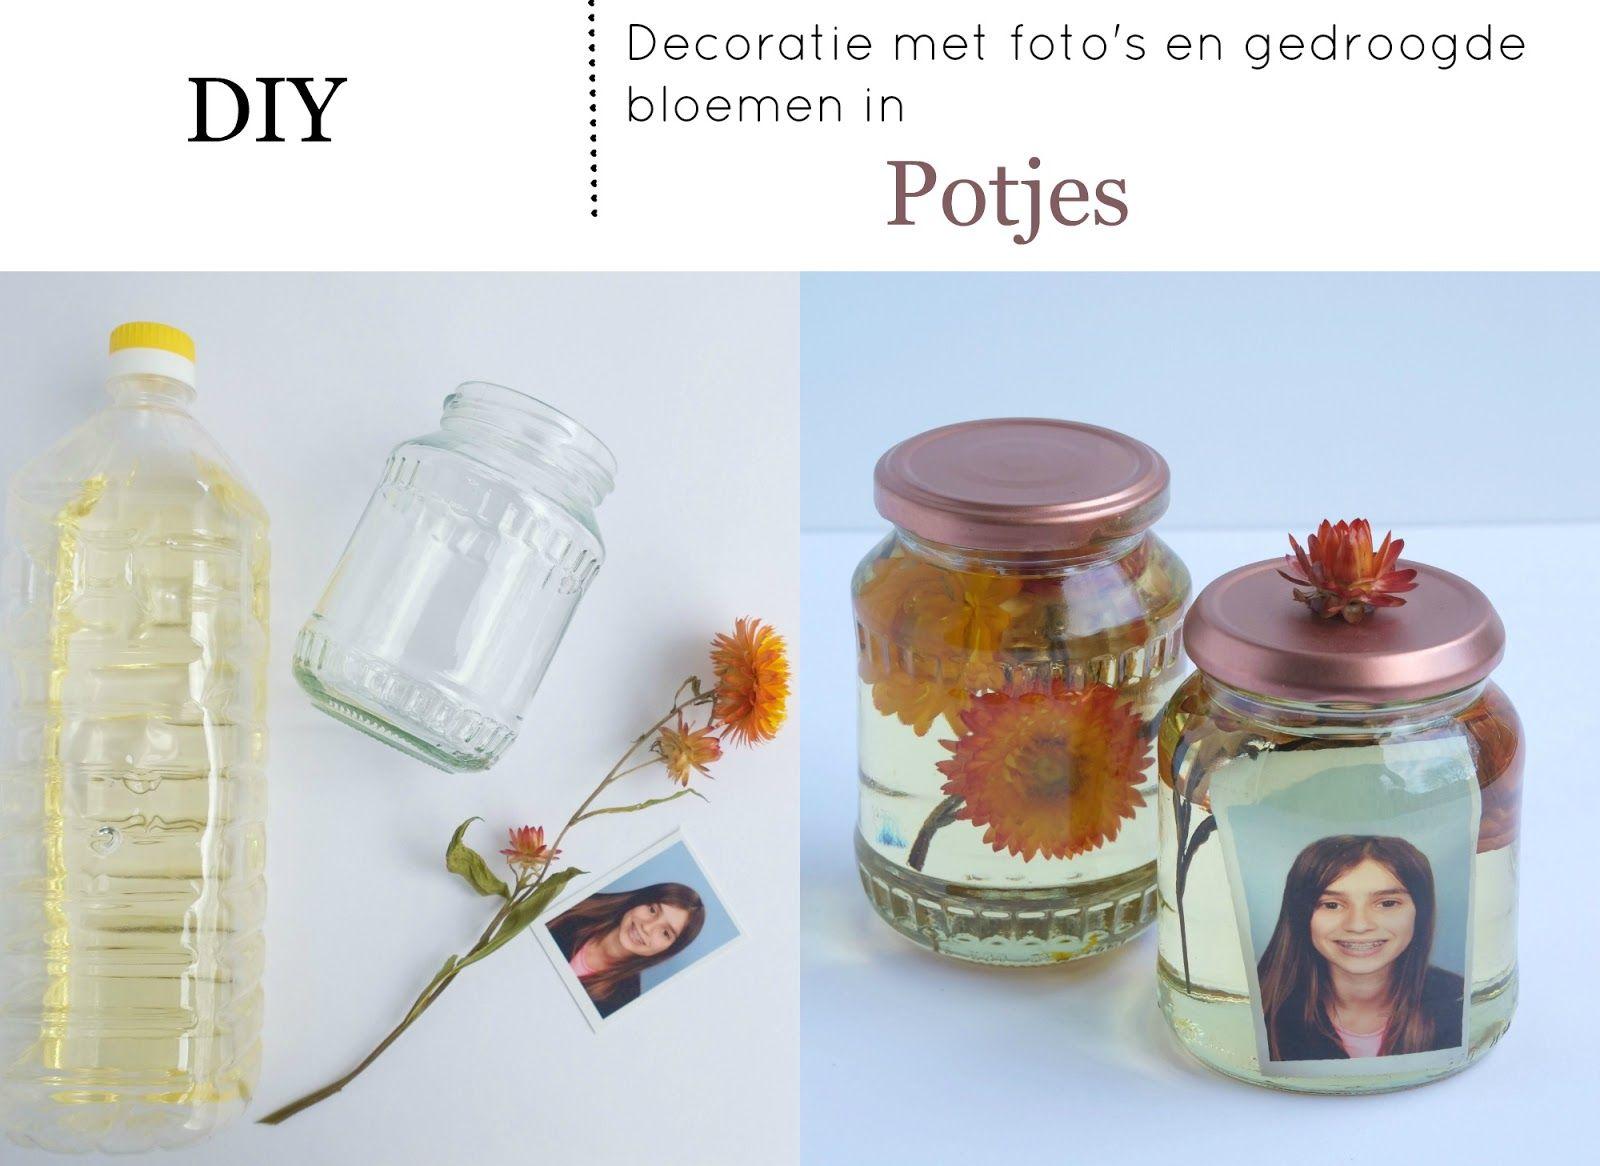 Elsarblog decoratie met foto 39 s en gedroogde bloemen in potjes diy diy pinterest doe het - Foto decoratie ...